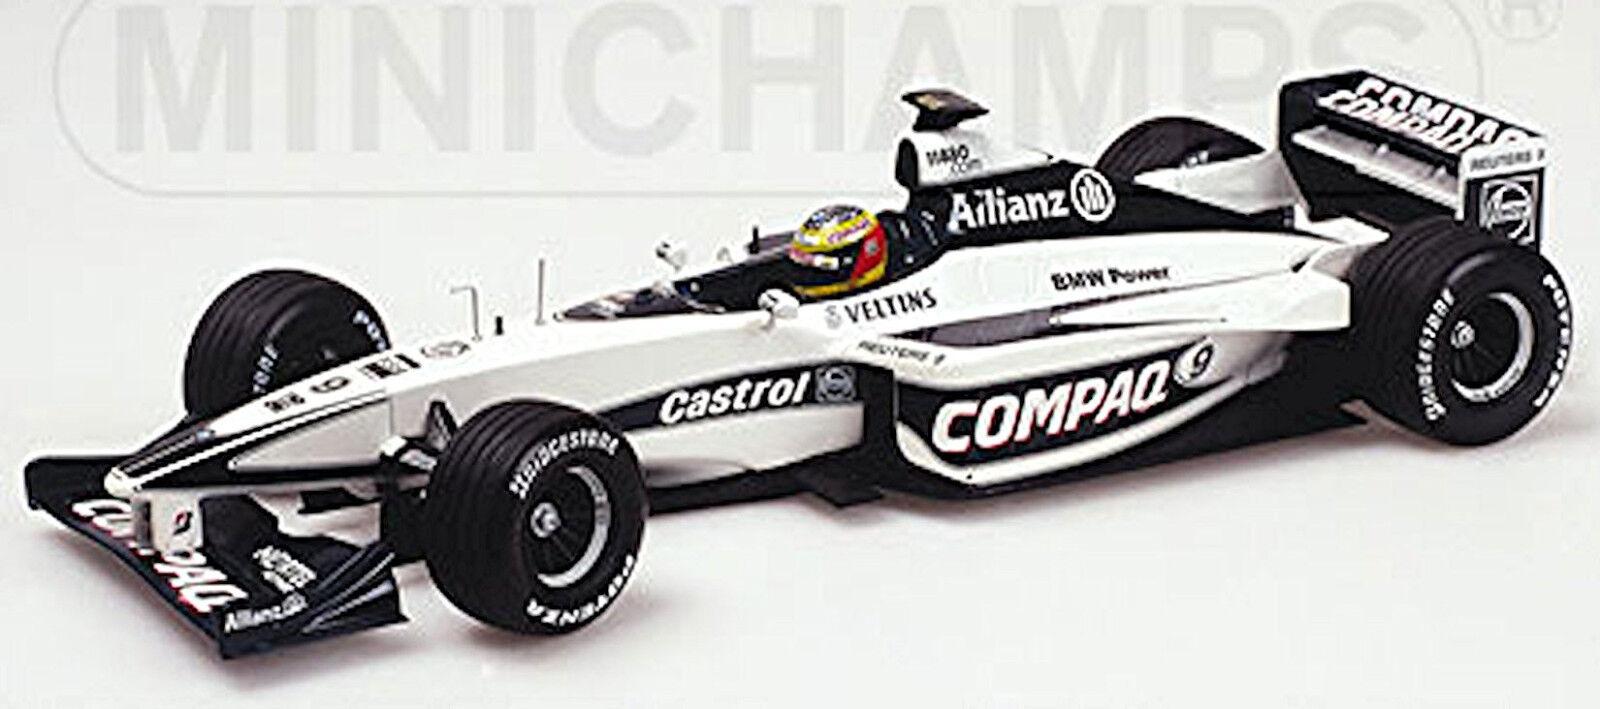 Williams Fw 22 BMW 2000 Ralf Schumacher Hp-Allianz 1 18 Minichamps